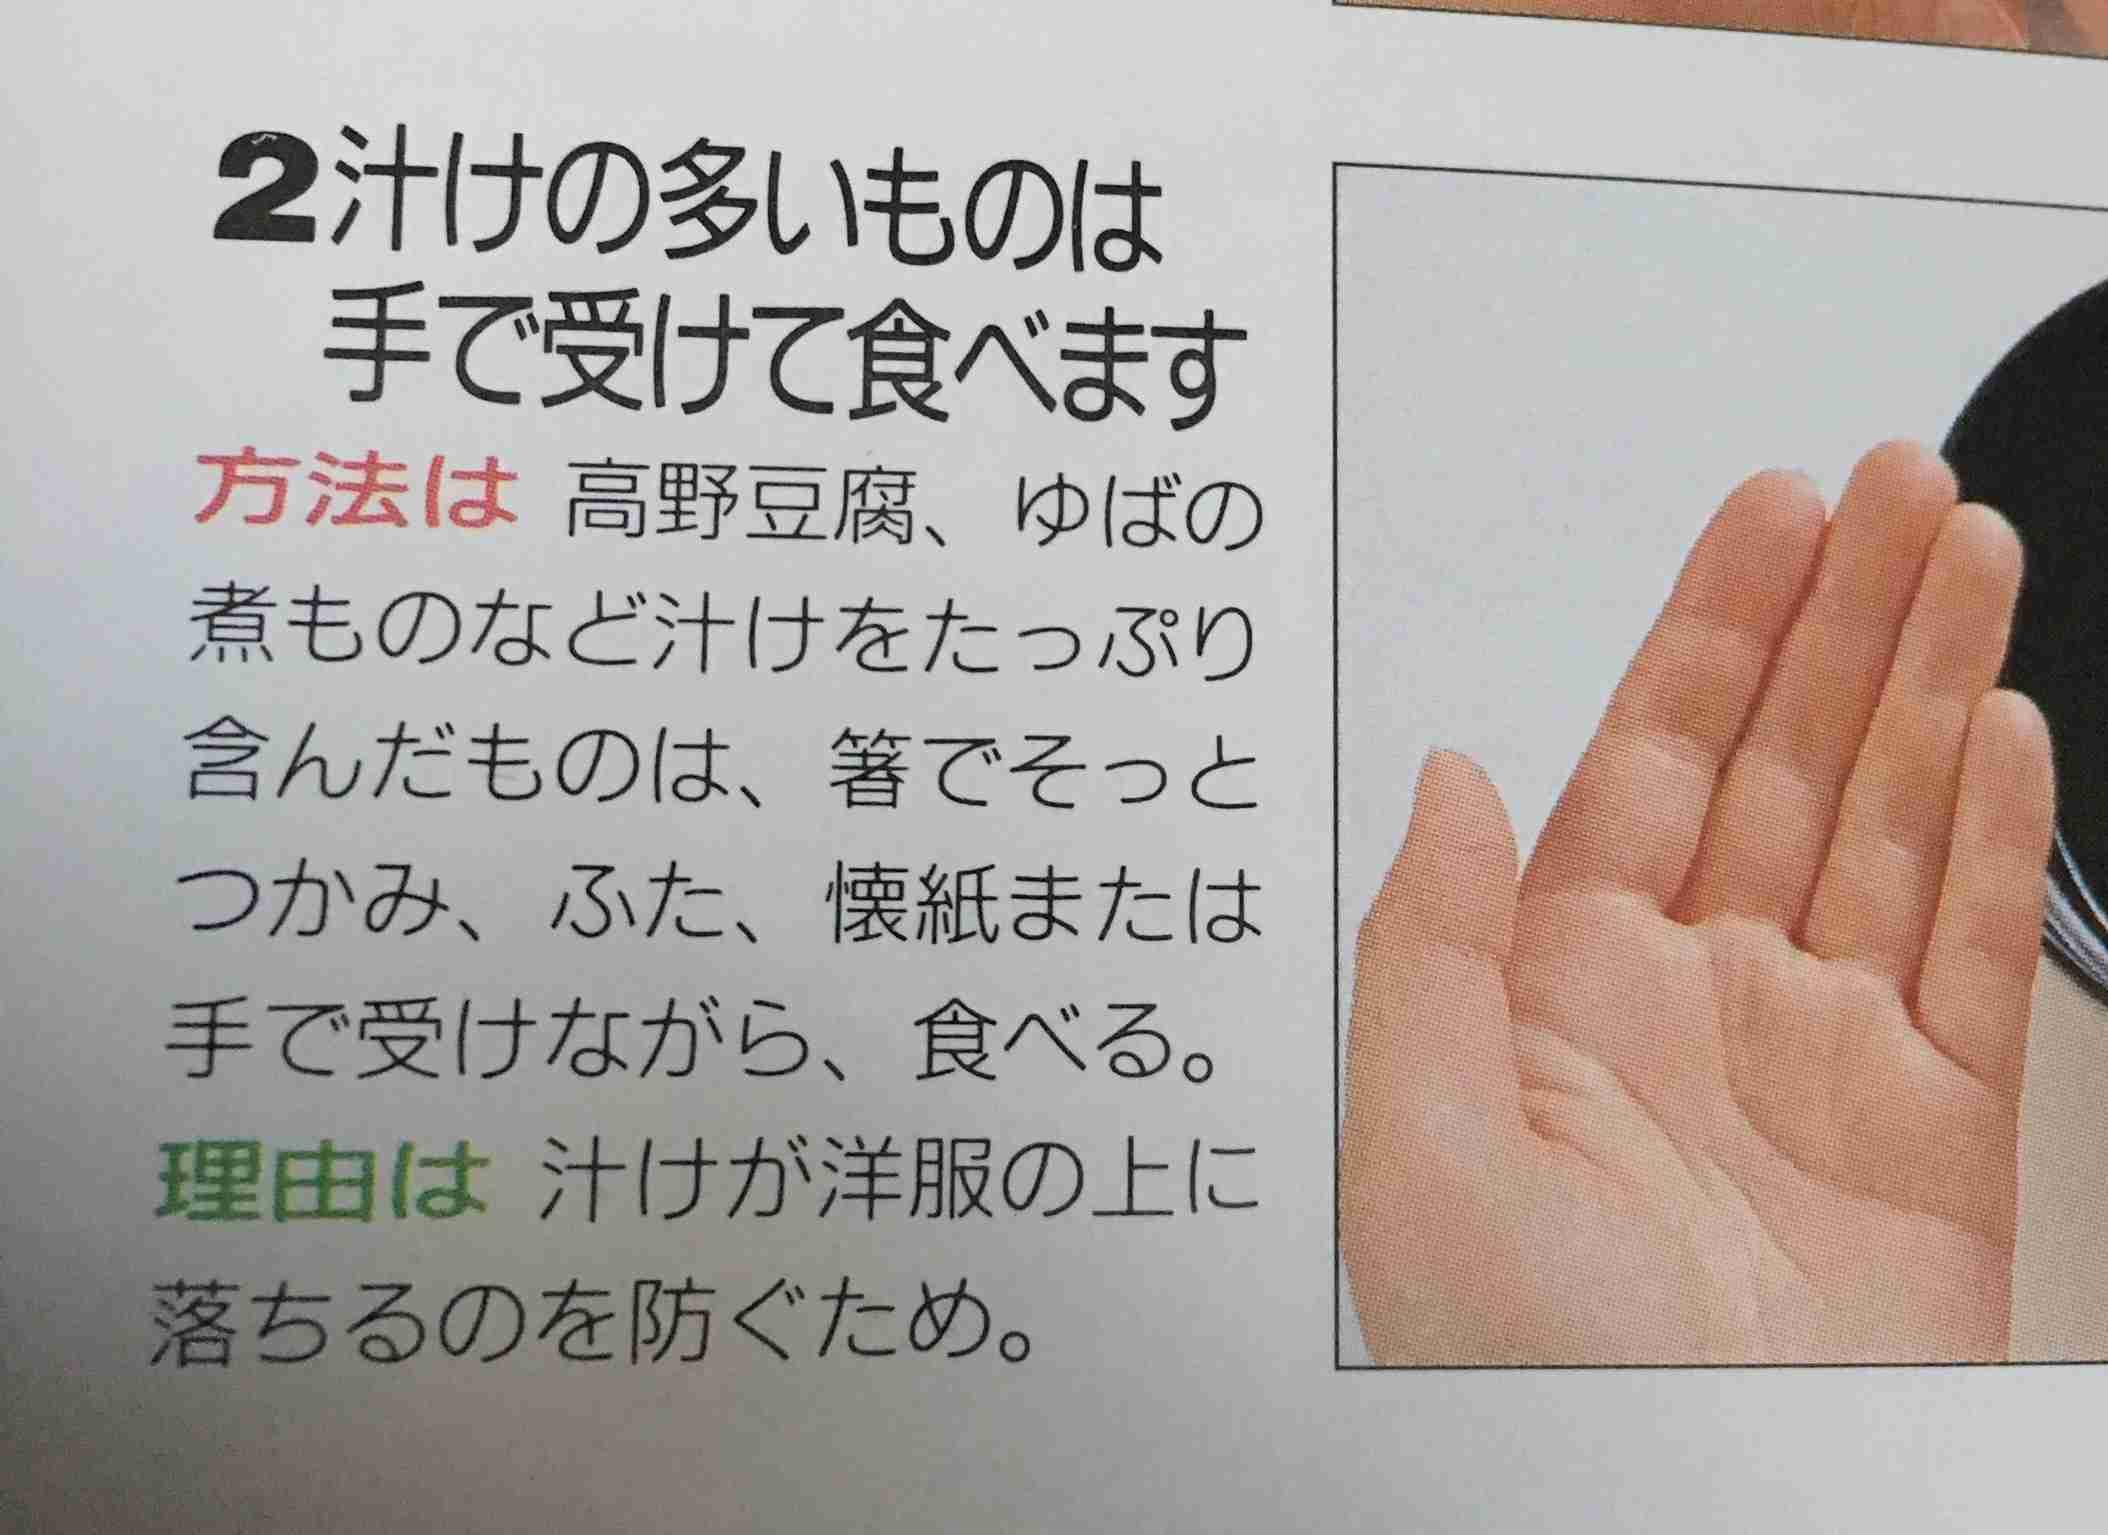 【実況・感想】芸能人格付けチェック ~一流芸能人に「和」の常識はあるのか!?スペシャル~